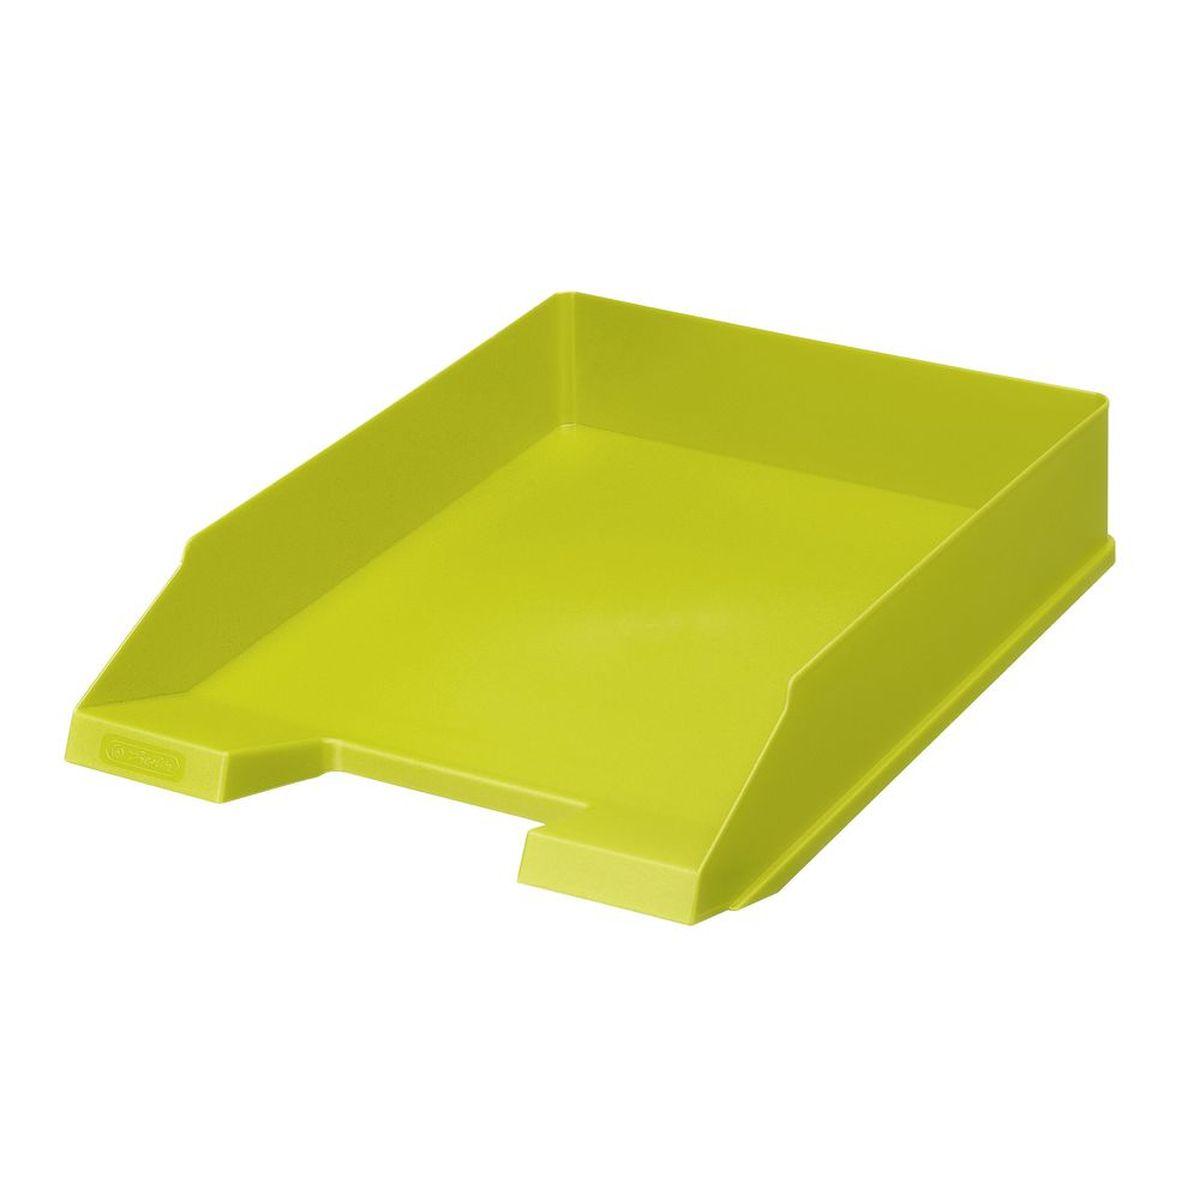 Herlitz Лоток для бумаг Colour Blocking цвет лимонныйFS-00101Практичный лоток для бумаг Herlitz Colour Blocking всегда поможет вам избавиться от лишних документов и содержать порядок на рабочем столе. Лоток изготовлен из пластика и находится всегда в горизонтальном положении, тем самым обеспечивая удобное хранение бумаг и документов. Он значительно облегчает делопроизводство. Яркий дизайн сделает его достойным аксессуаром среди ваших канцелярских принадлежностей и подарит вам хорошее настроение.Формат A4